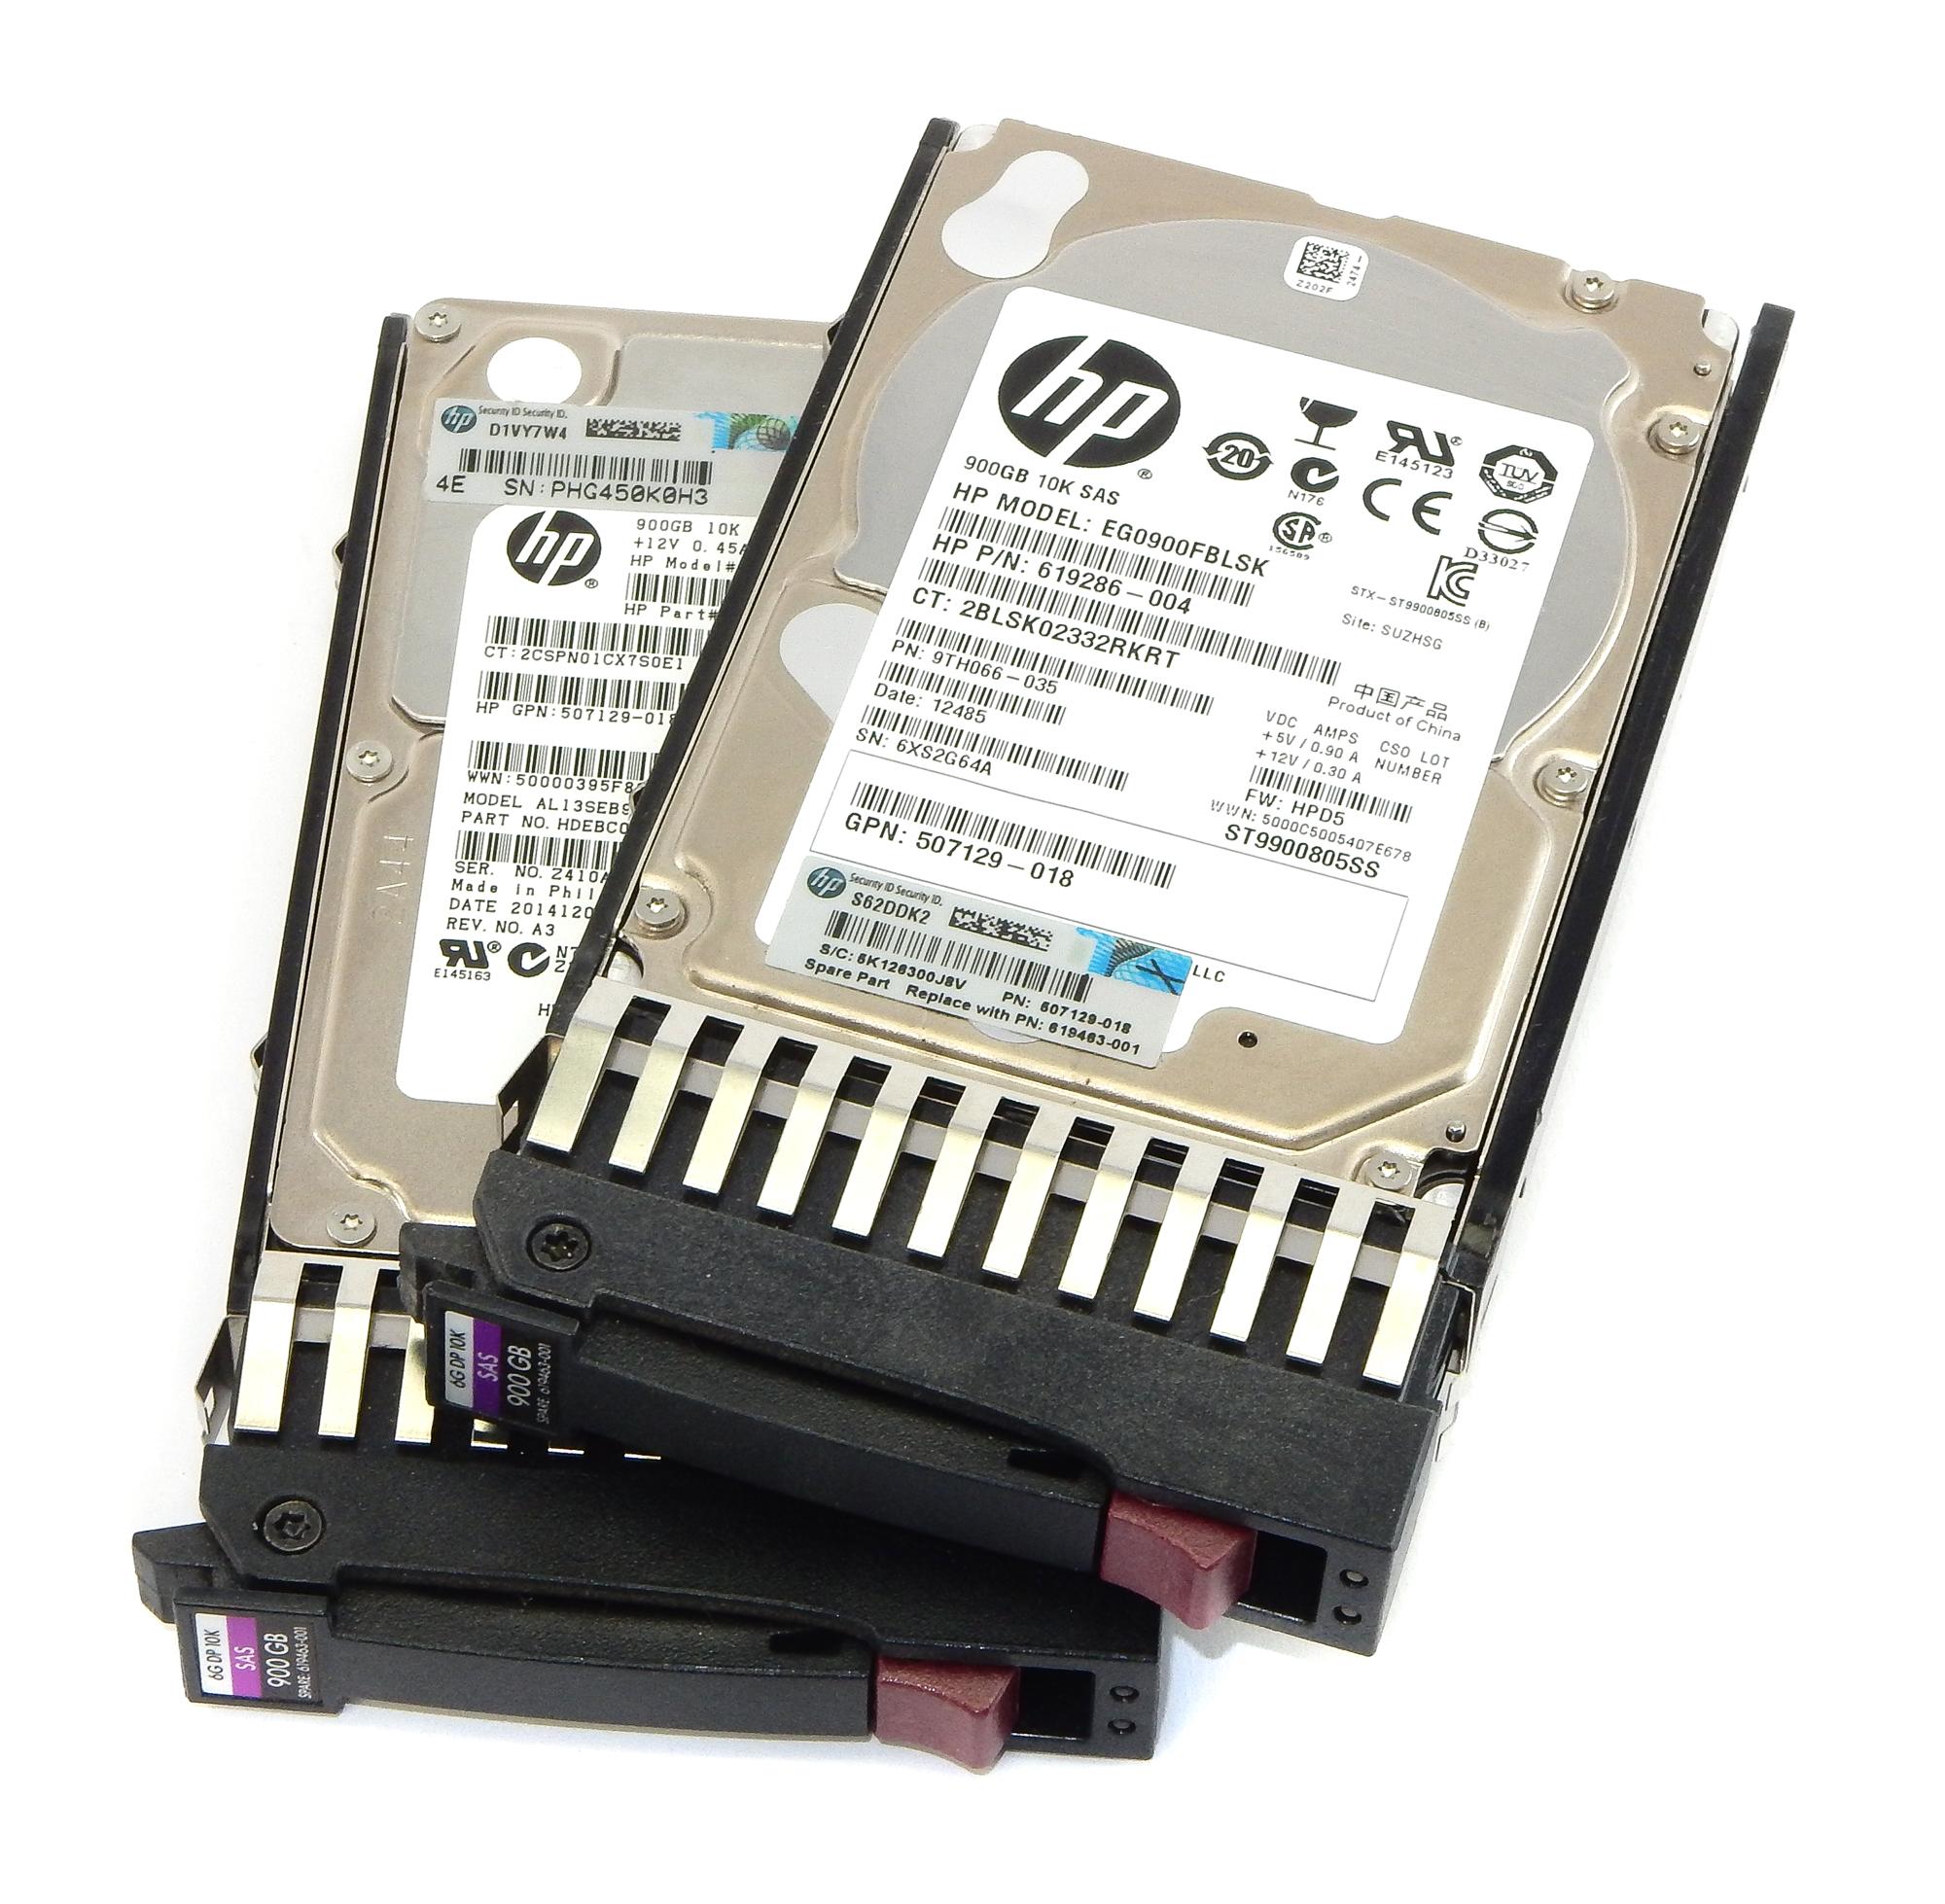 2x HP 507129-018 900GB DP 10K SAS Hard Drive In Caddy 619463-001